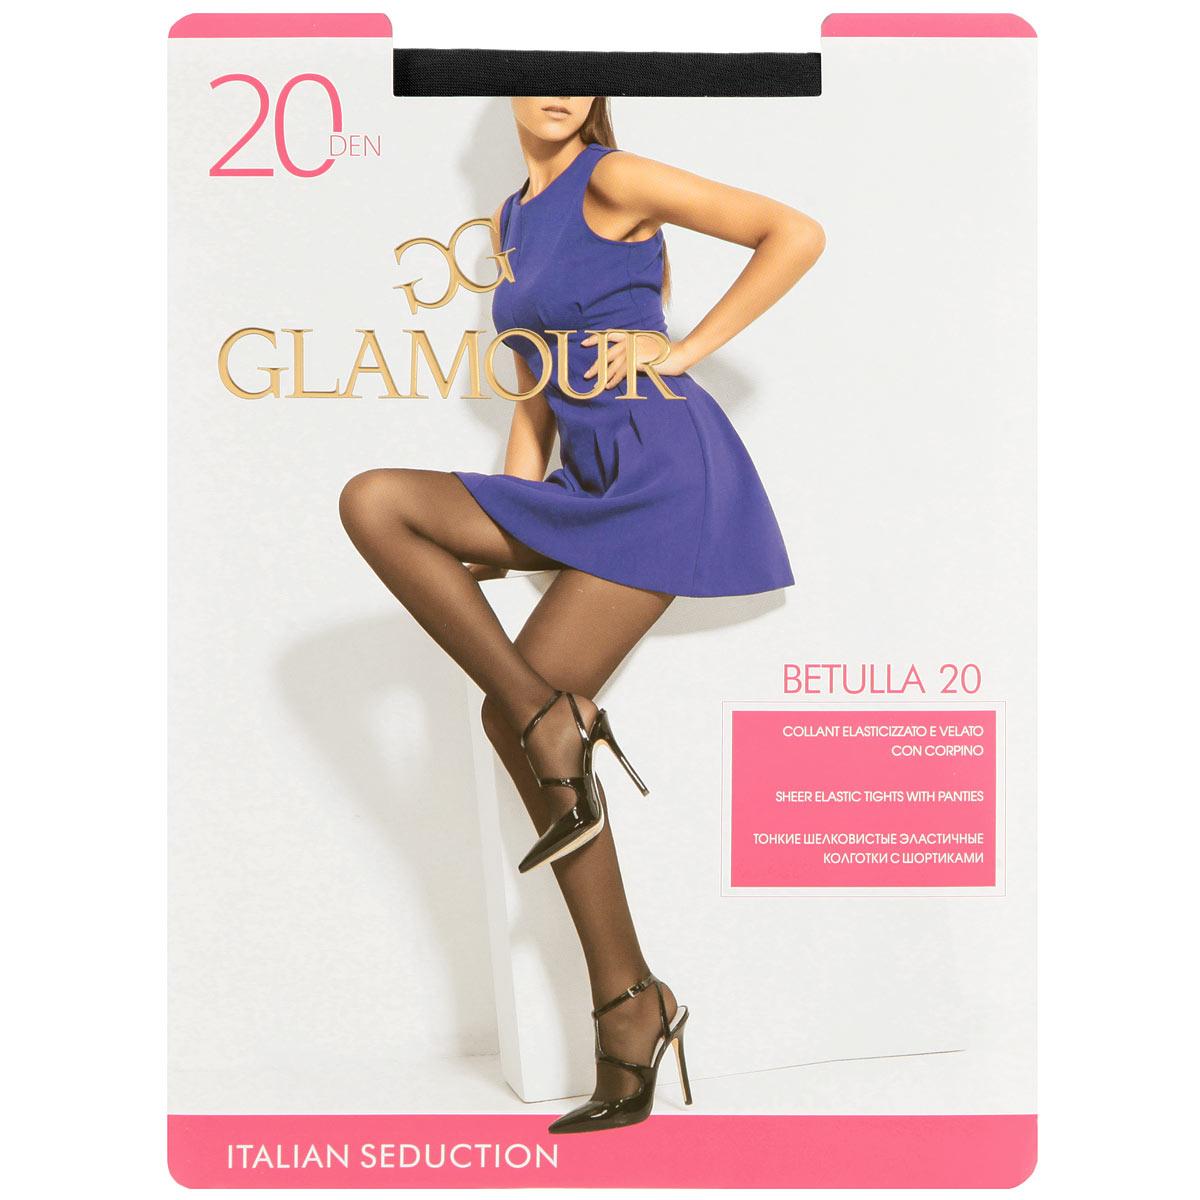 Колготки женские Glamour Betulla 20, цвет: Nero (черный). Размер 4 (L)Betulla 20Тонкие шелковистые эластичные колготки с шортиками, комфортным поясом, укрепленным прозрачным мыском. Плотность: 20 den.